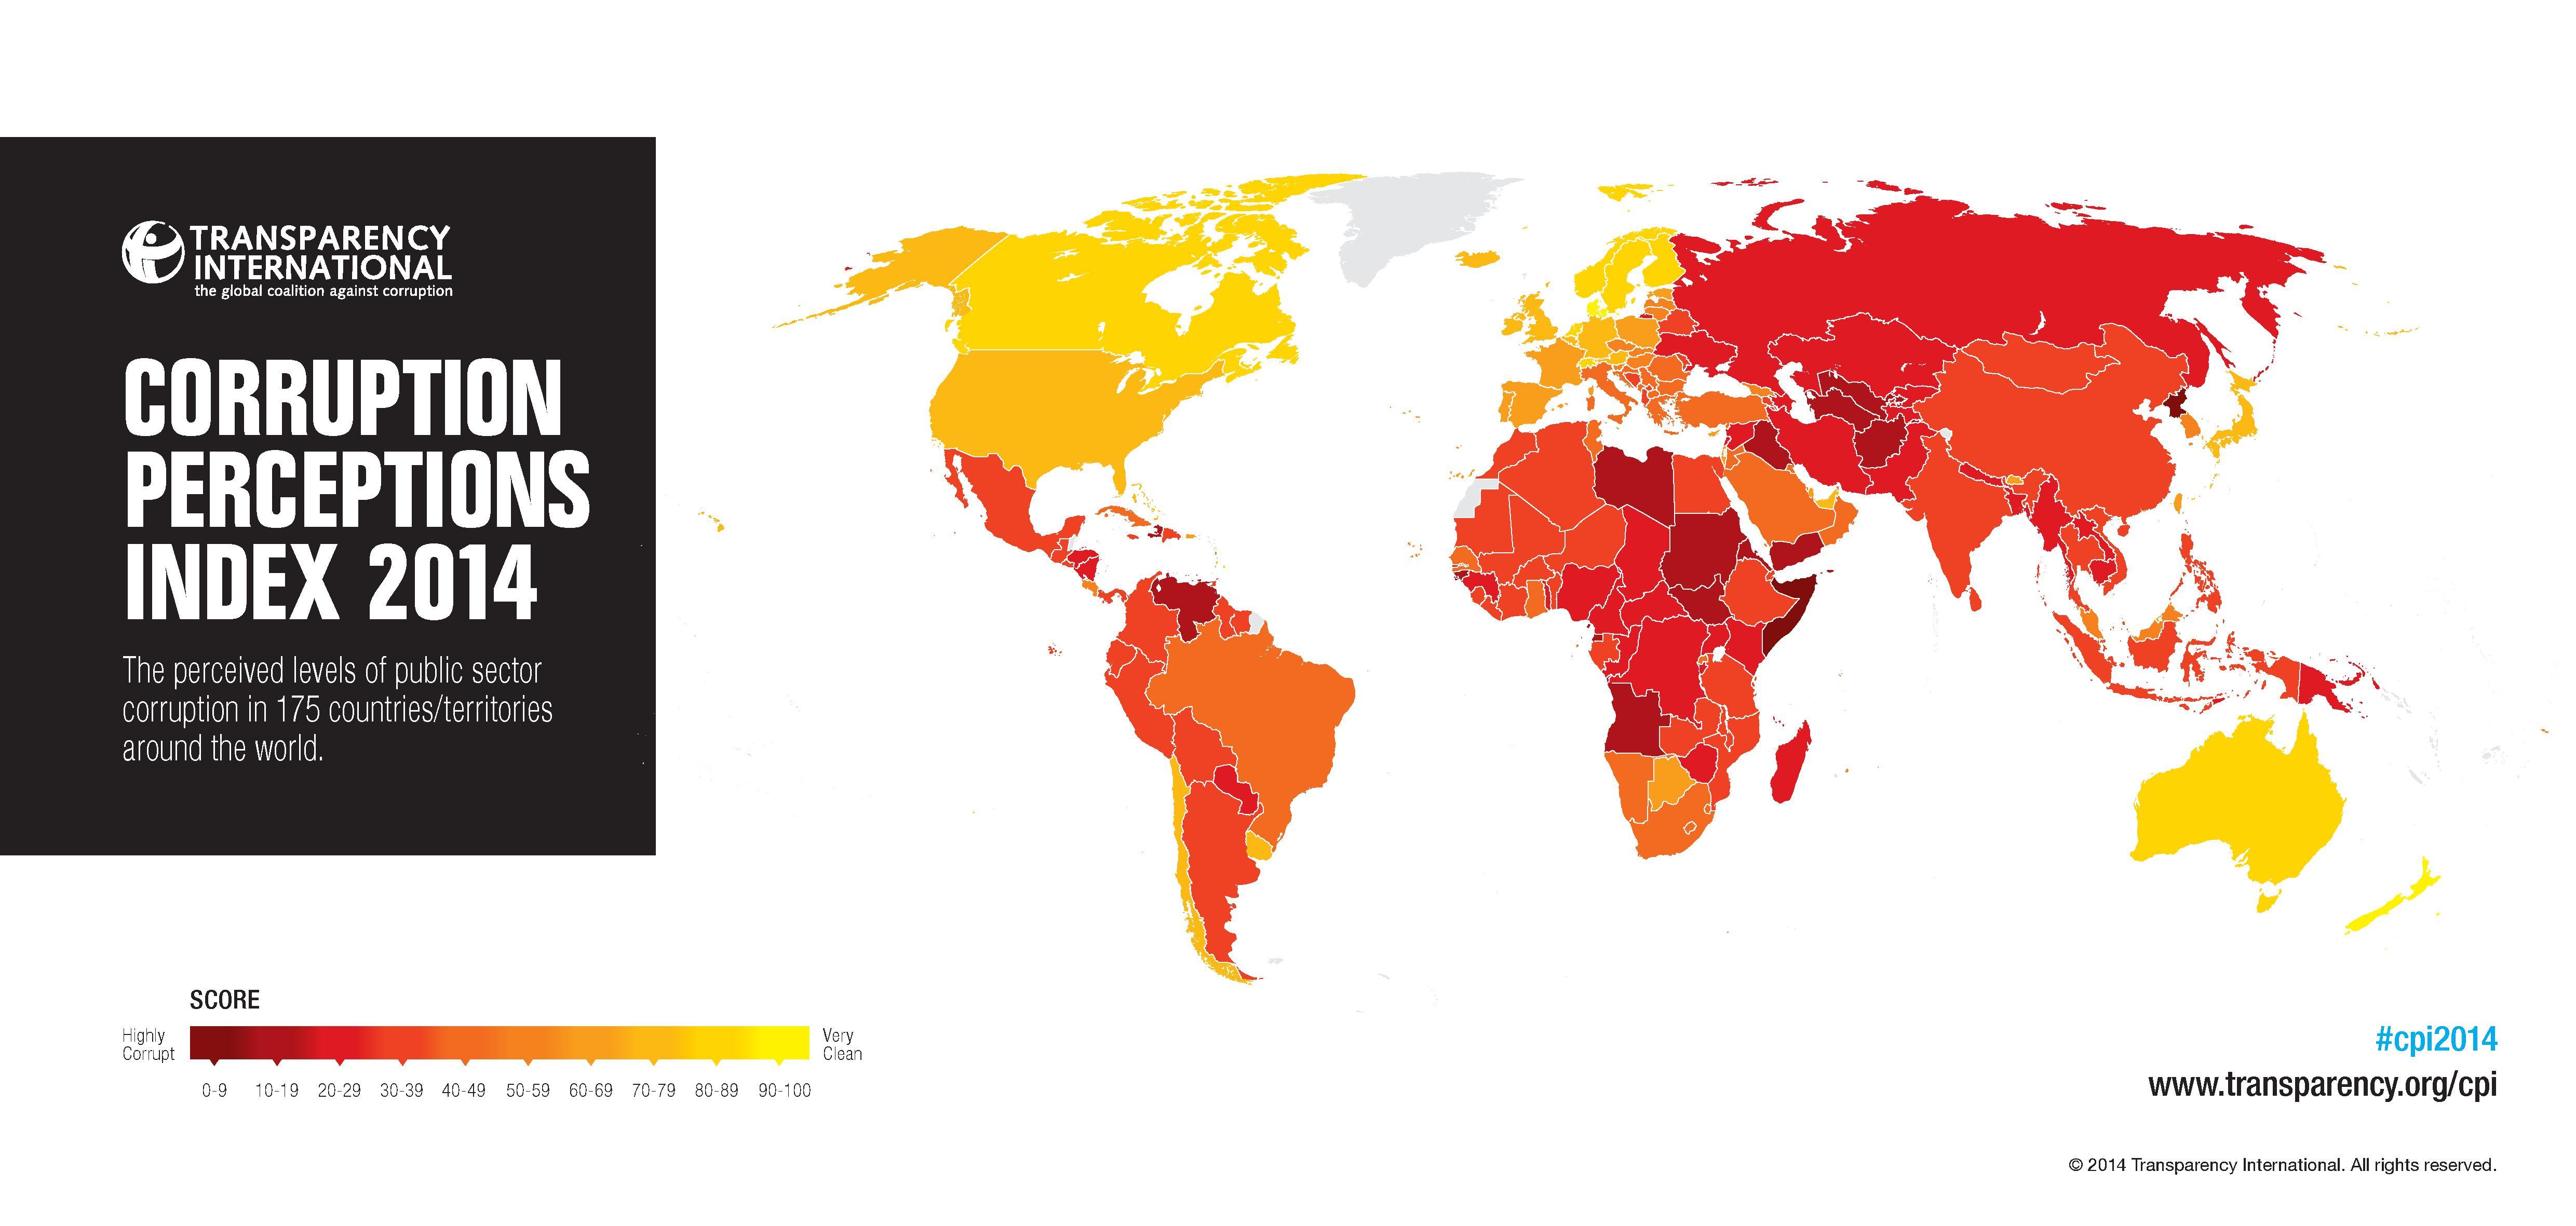 La Corruption concerne plus de 2/3 des économies mondiales, selon Transparency International